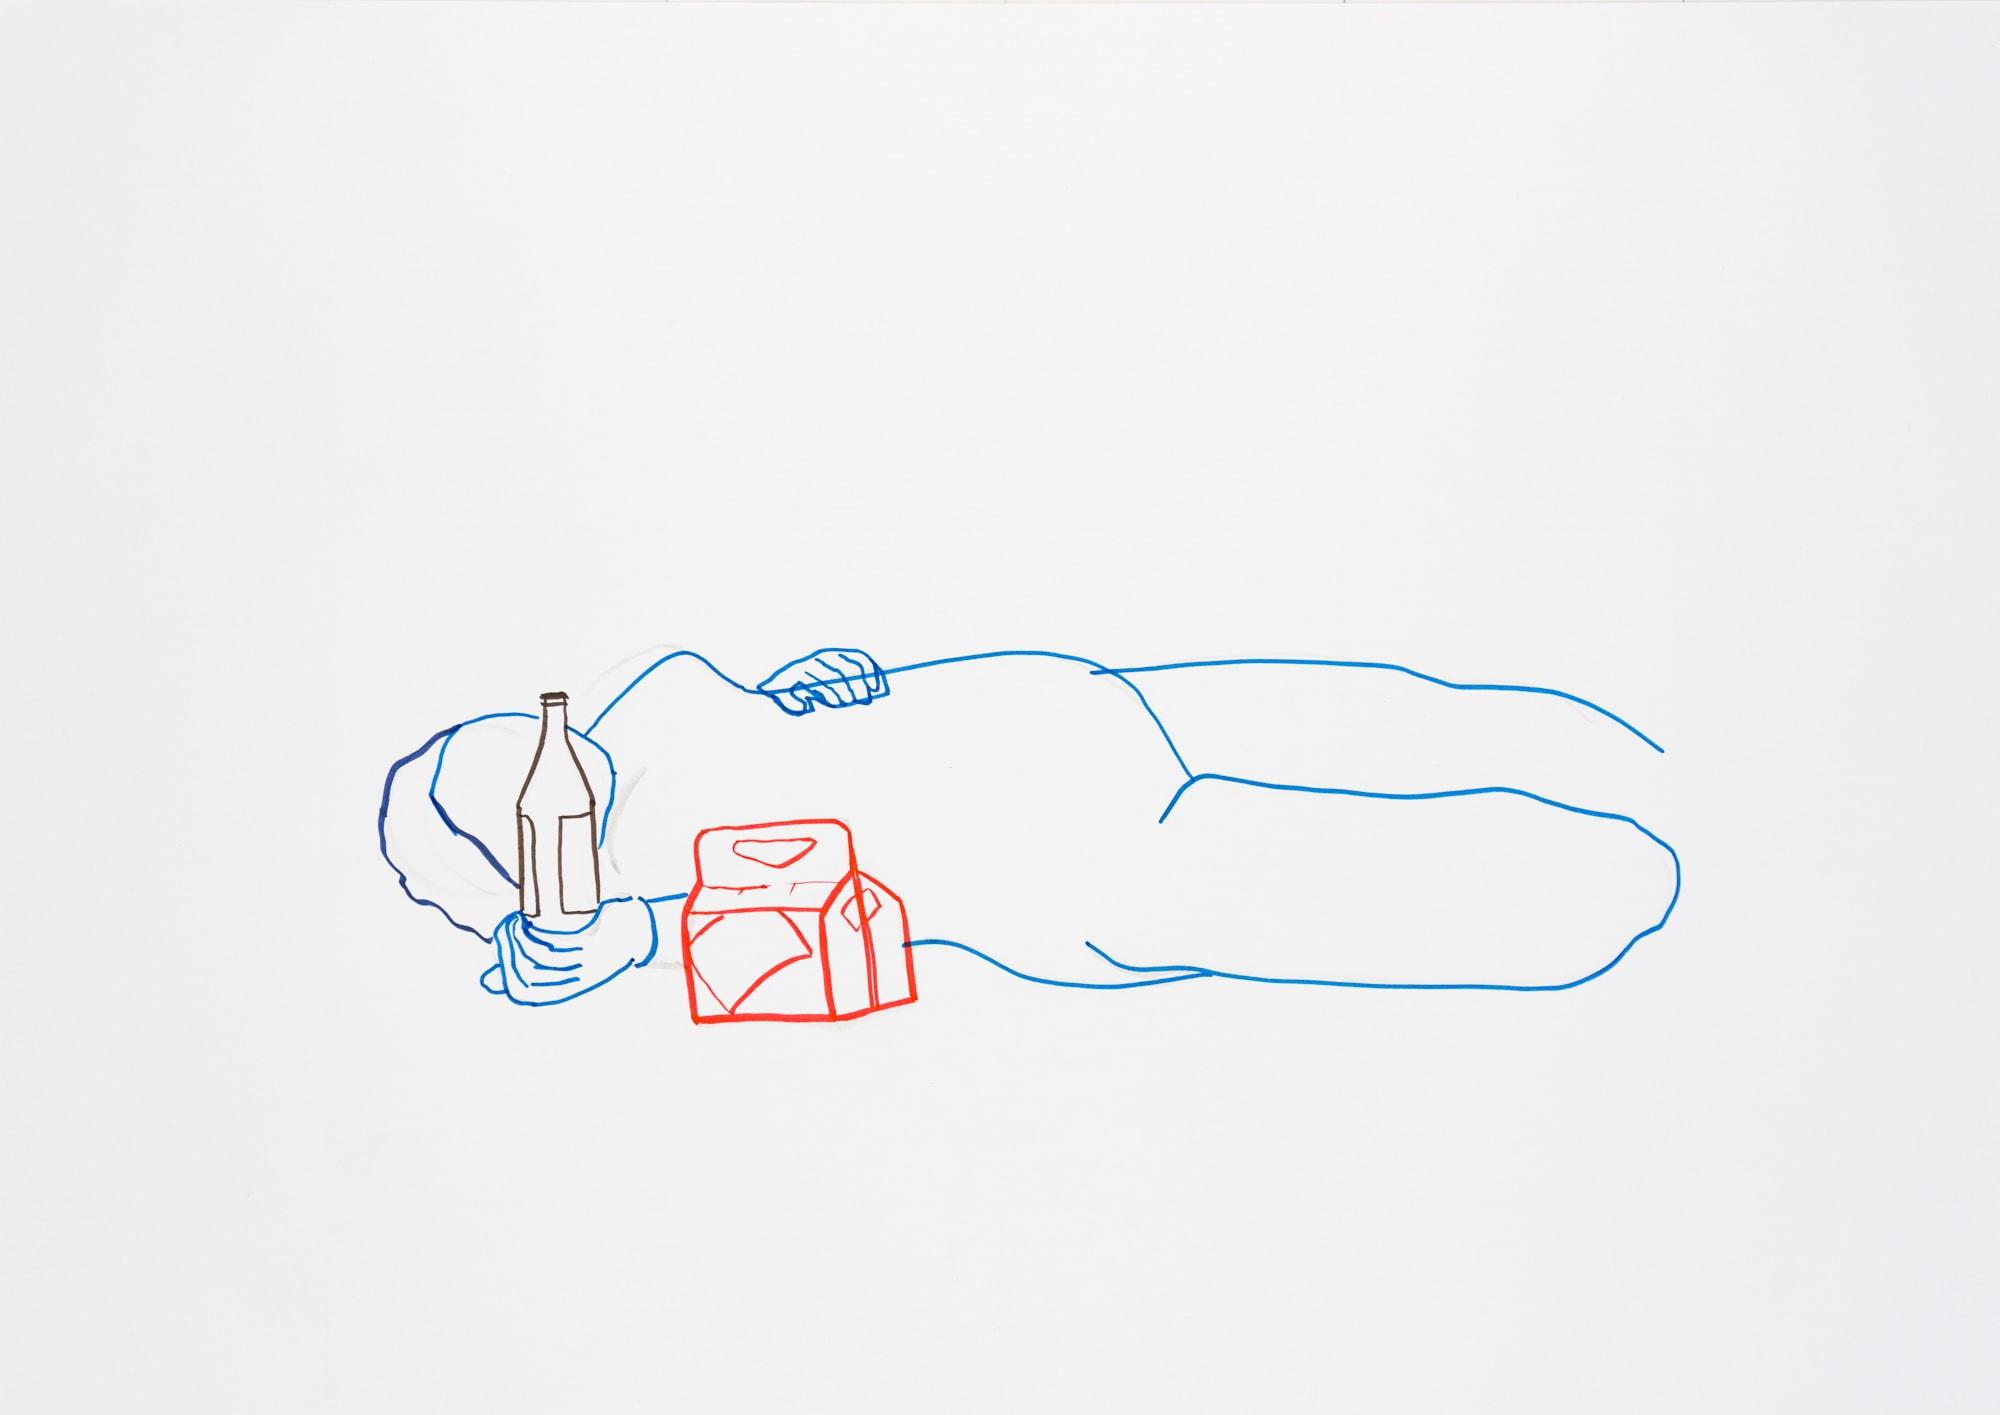 Zeichnung, Acrylmarker auf Papier, 59,4x42cm, Frauenakt, Künstlerin: Franziska King